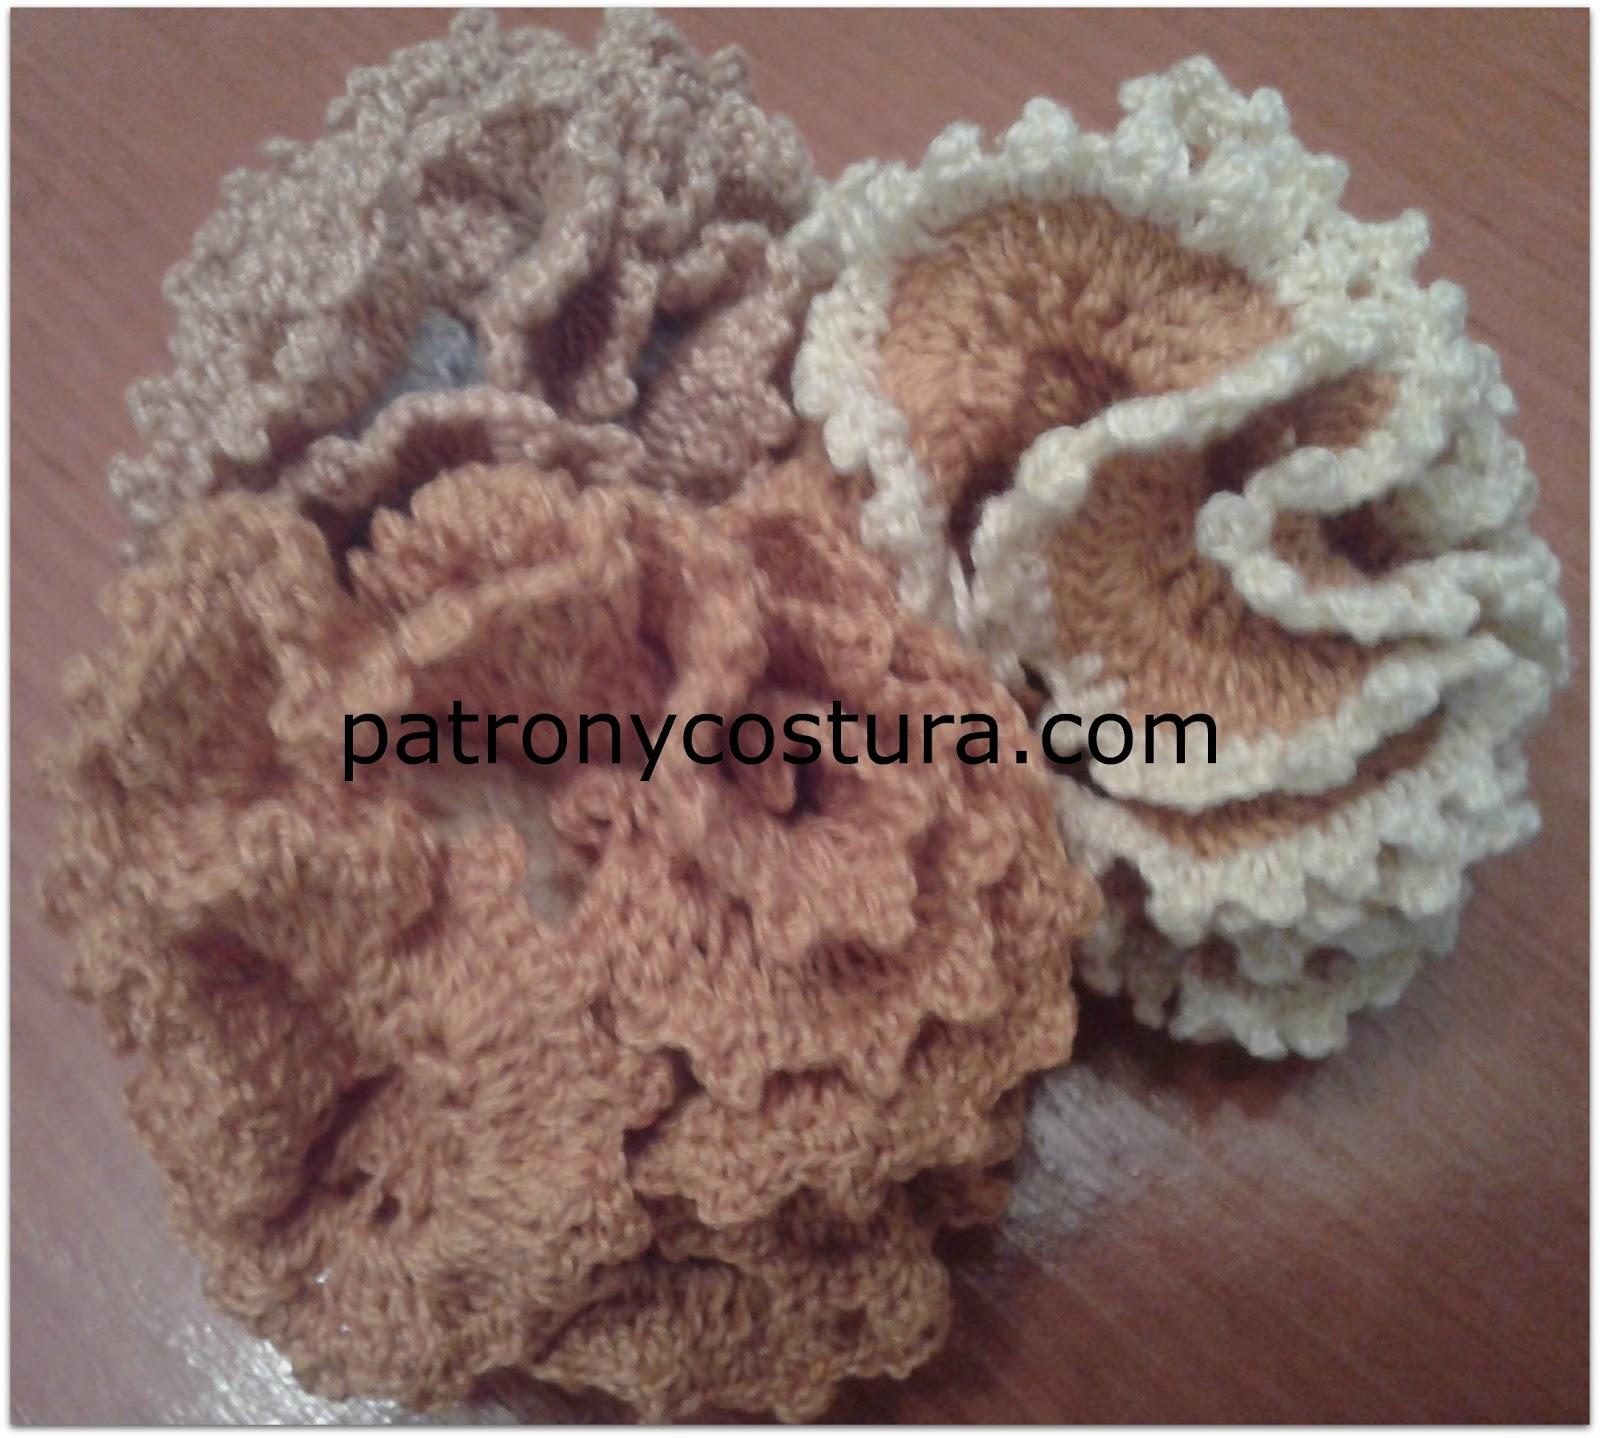 patronycostura.com